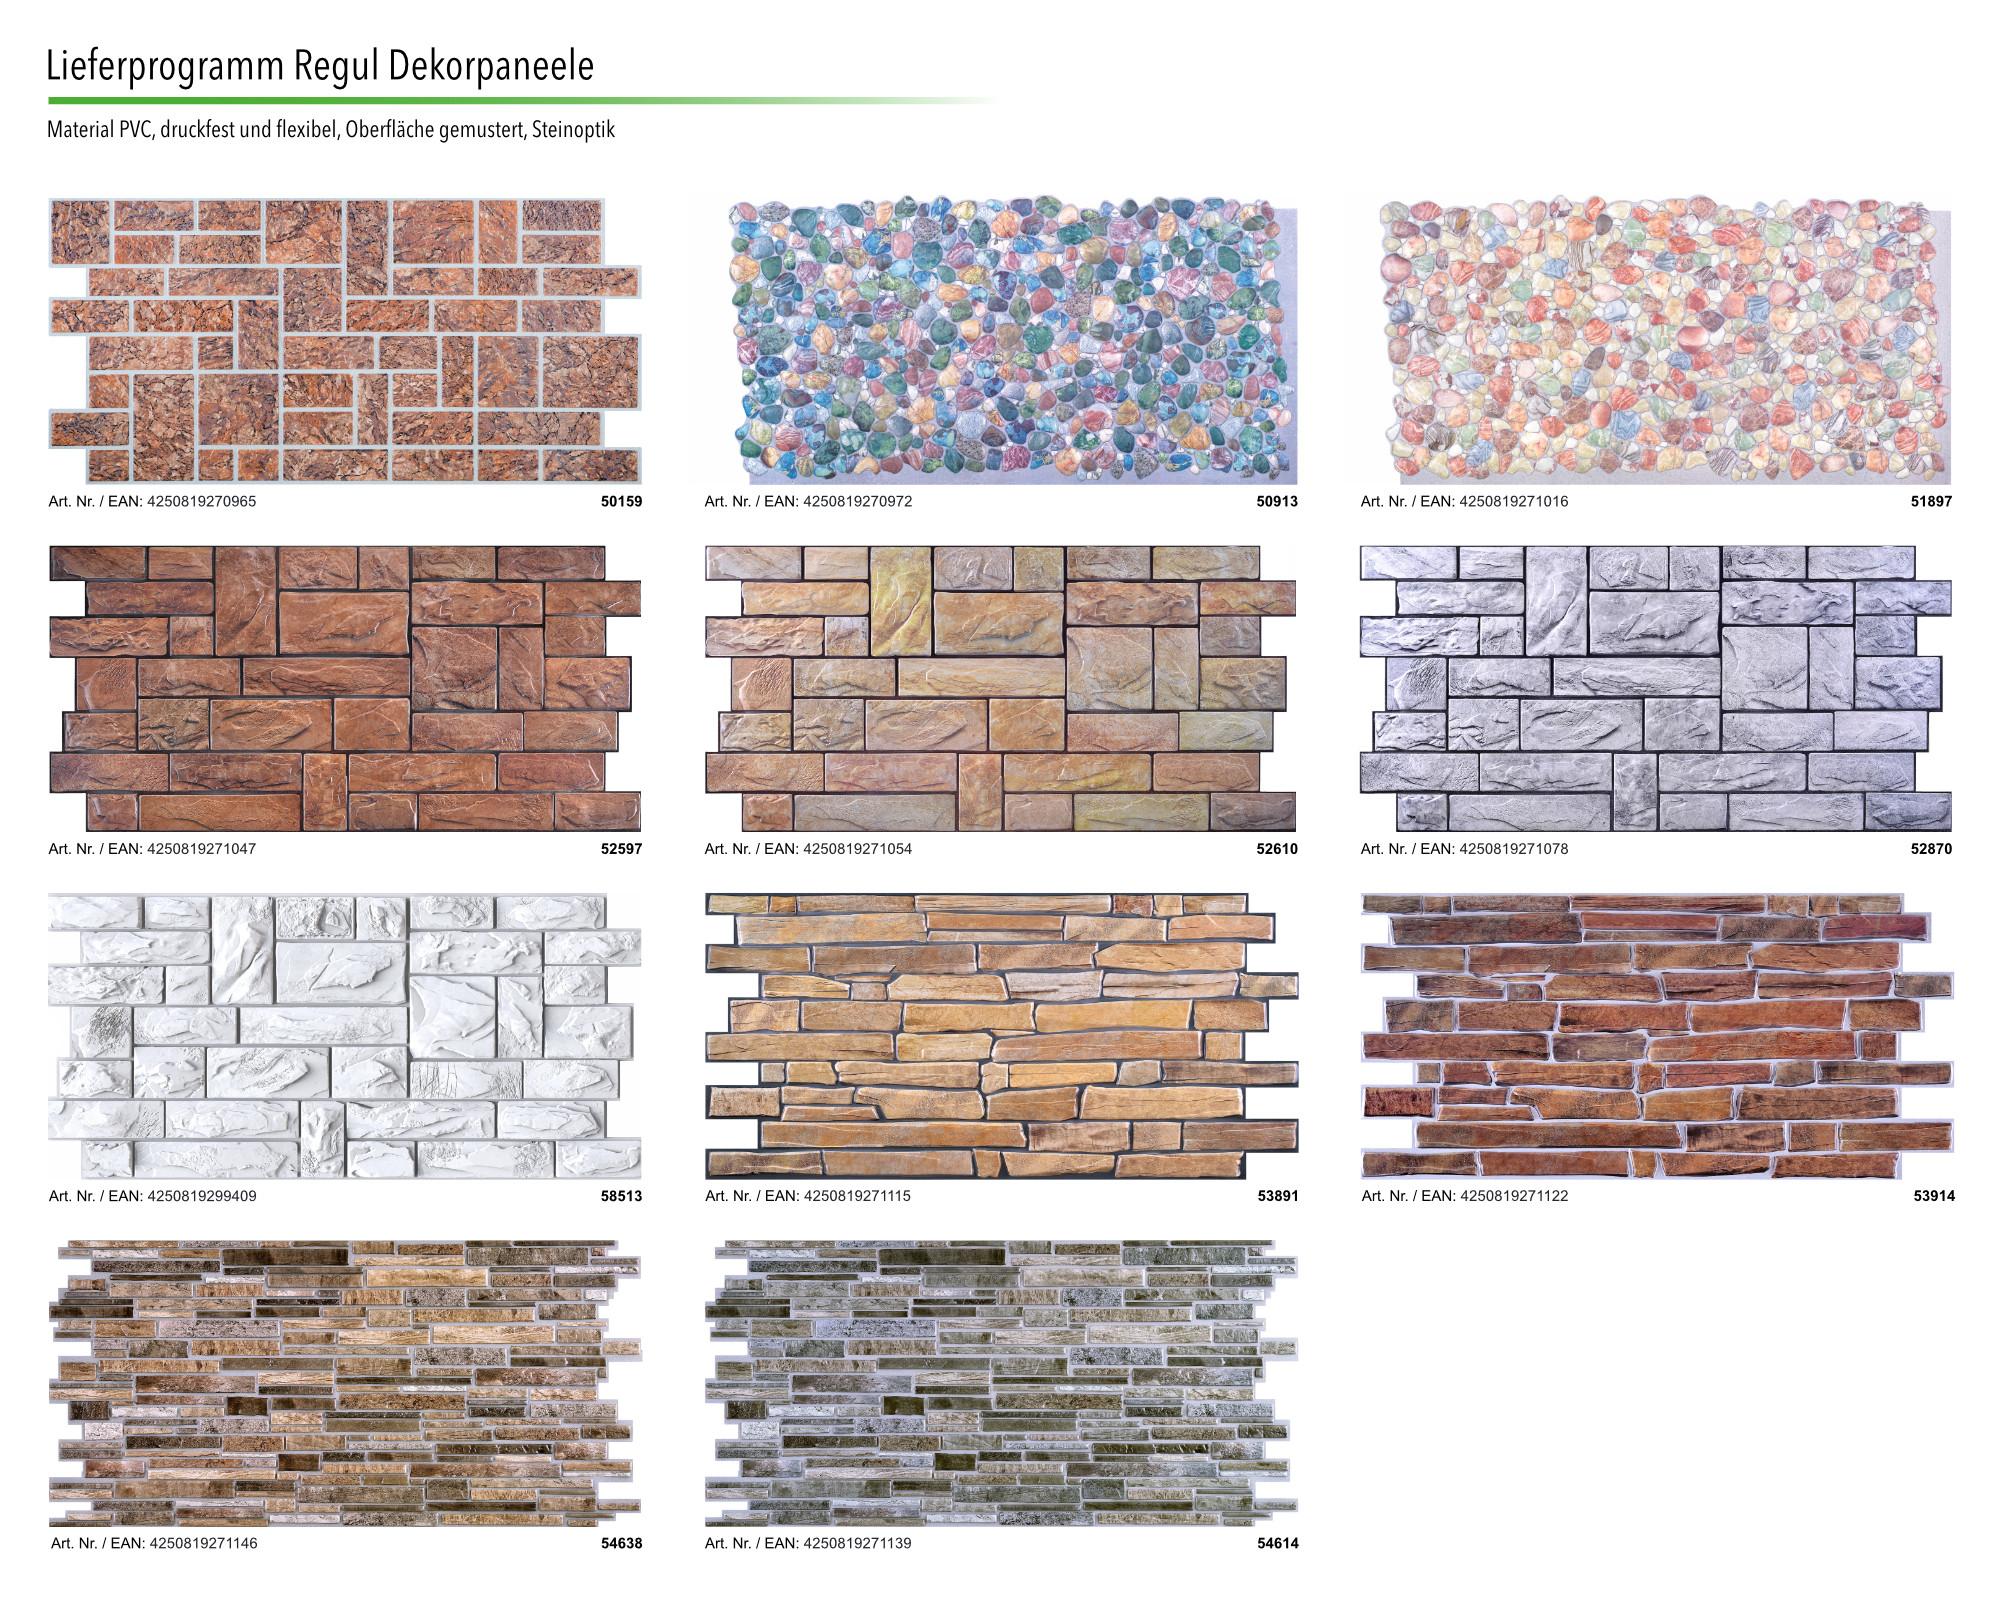 Hervorragend Dekor Paneele | Stein | Auswahl | Wand | Platte | PVC | stabil JX54